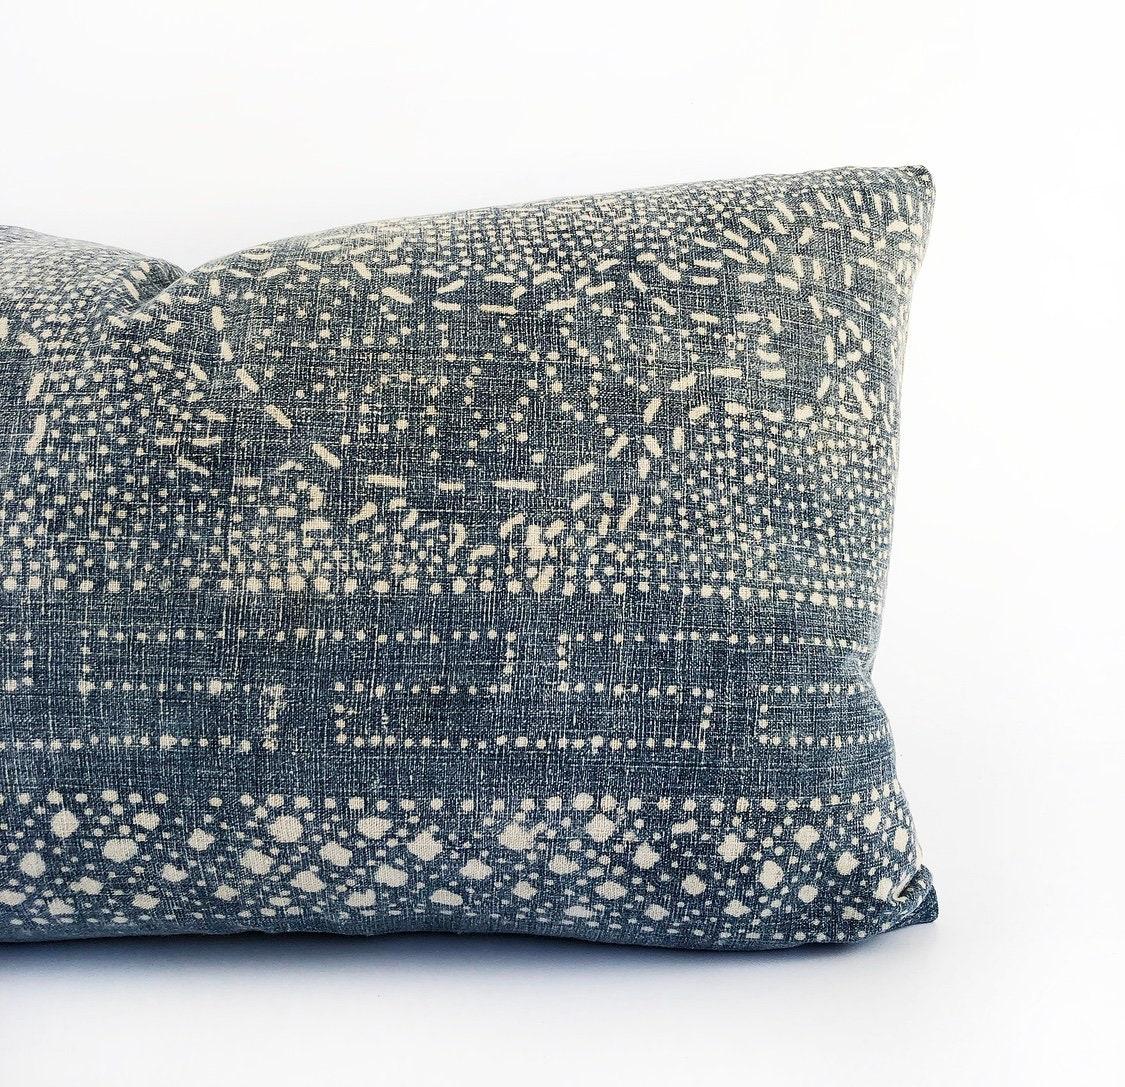 Antique Indigo Chinese Batik Lumbar Pillow Cover 14x24